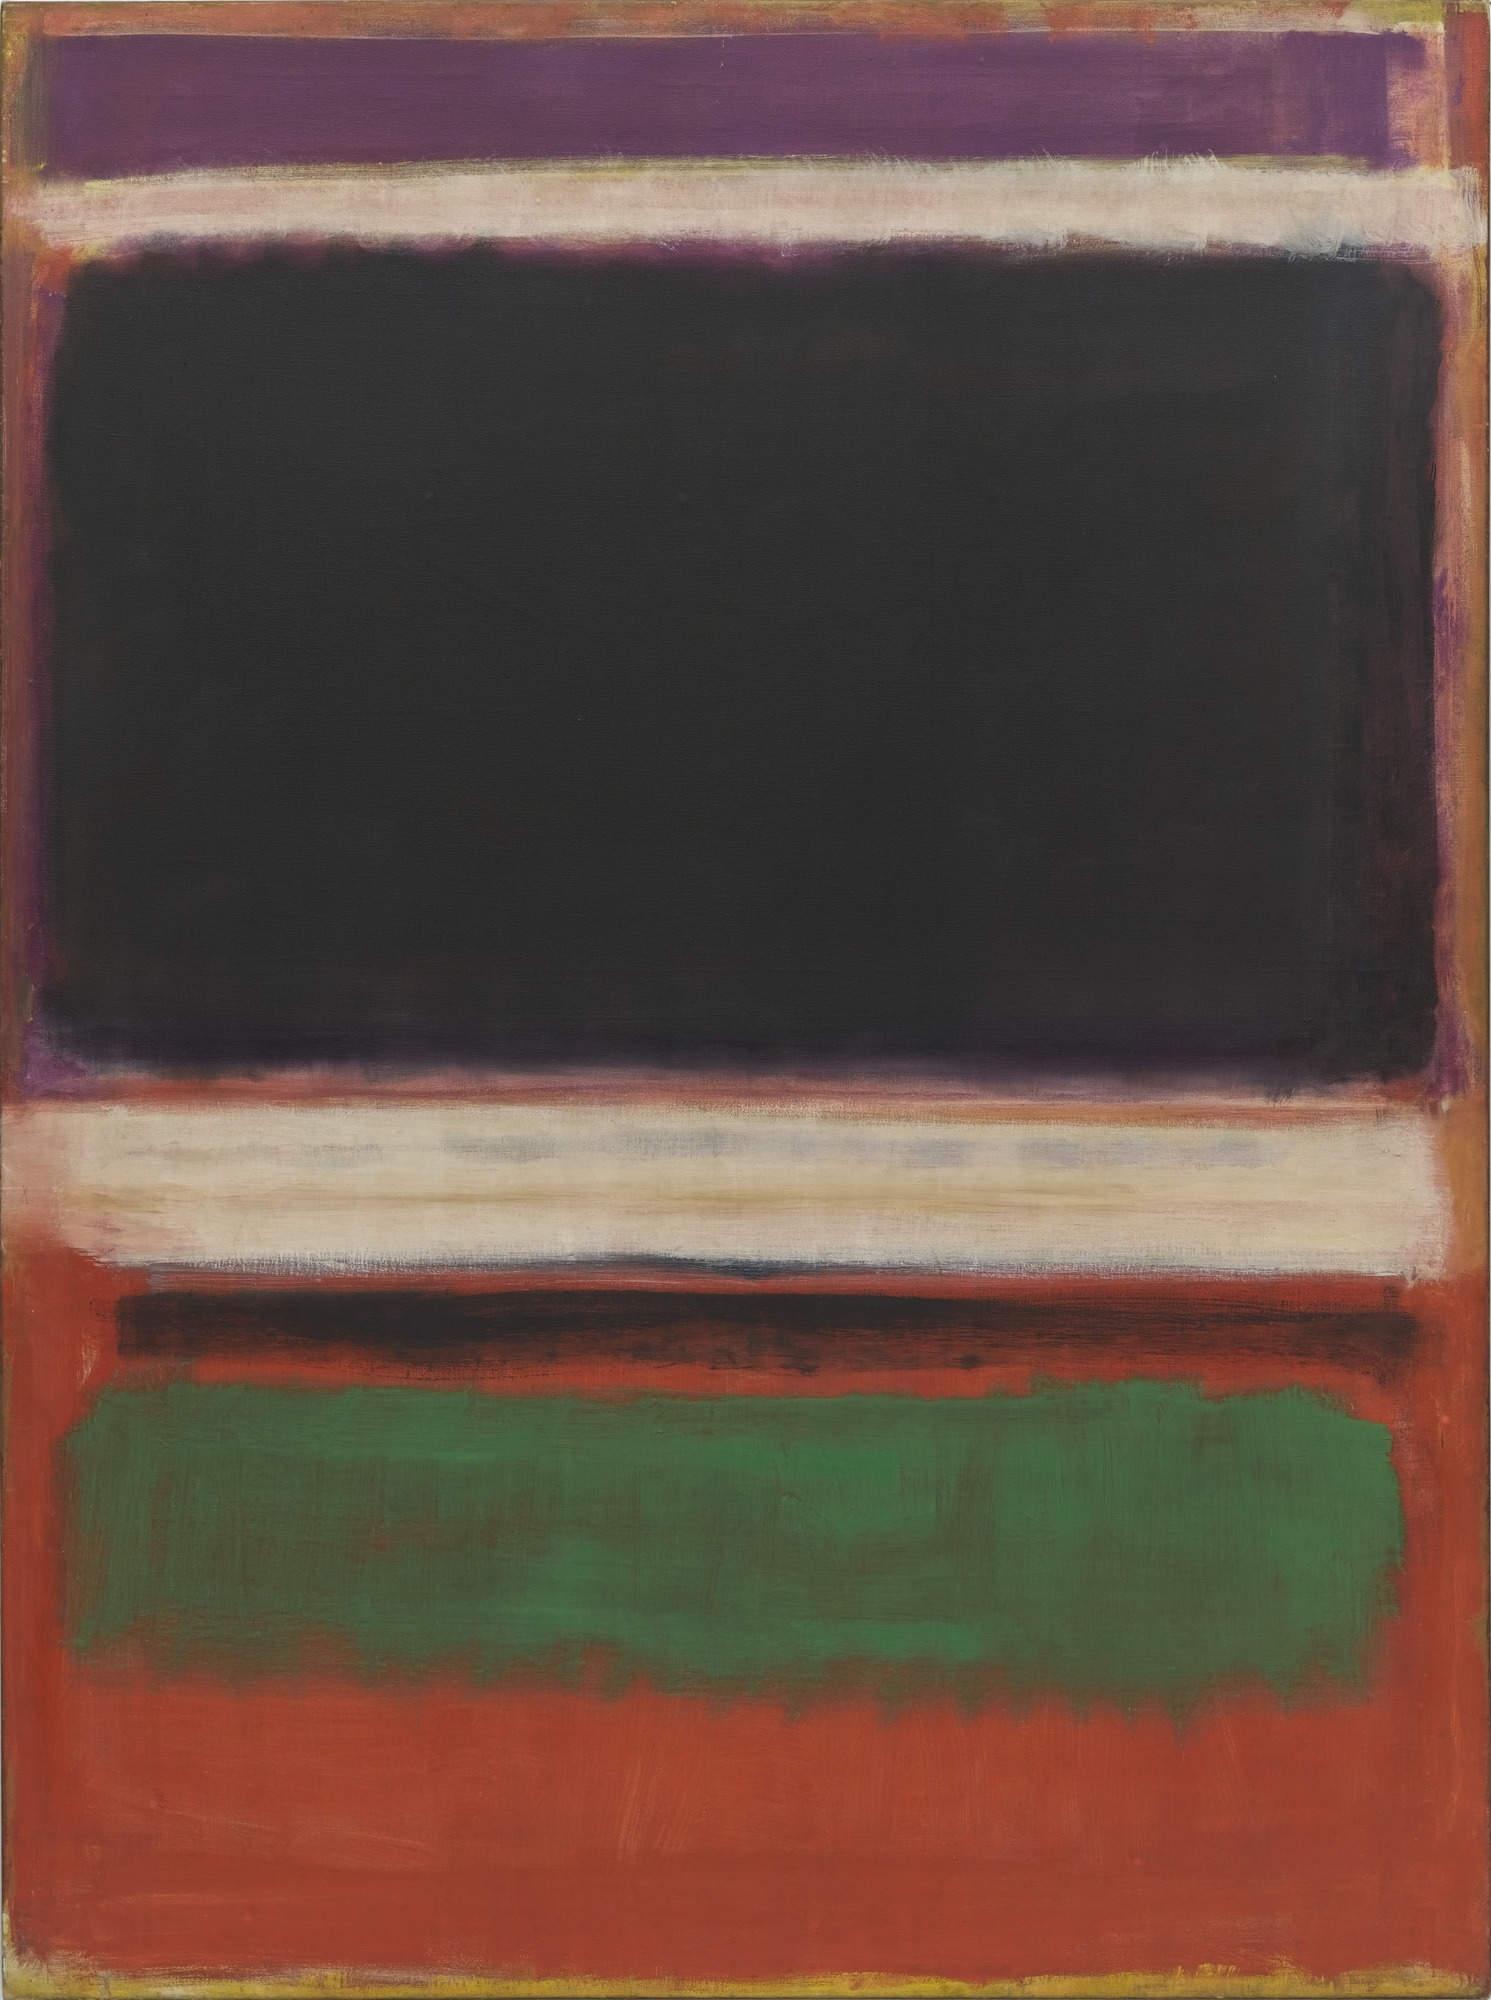 Mark Rothko,  No. 3/No. 13 , 1949, Museum of Modern Art, New York.